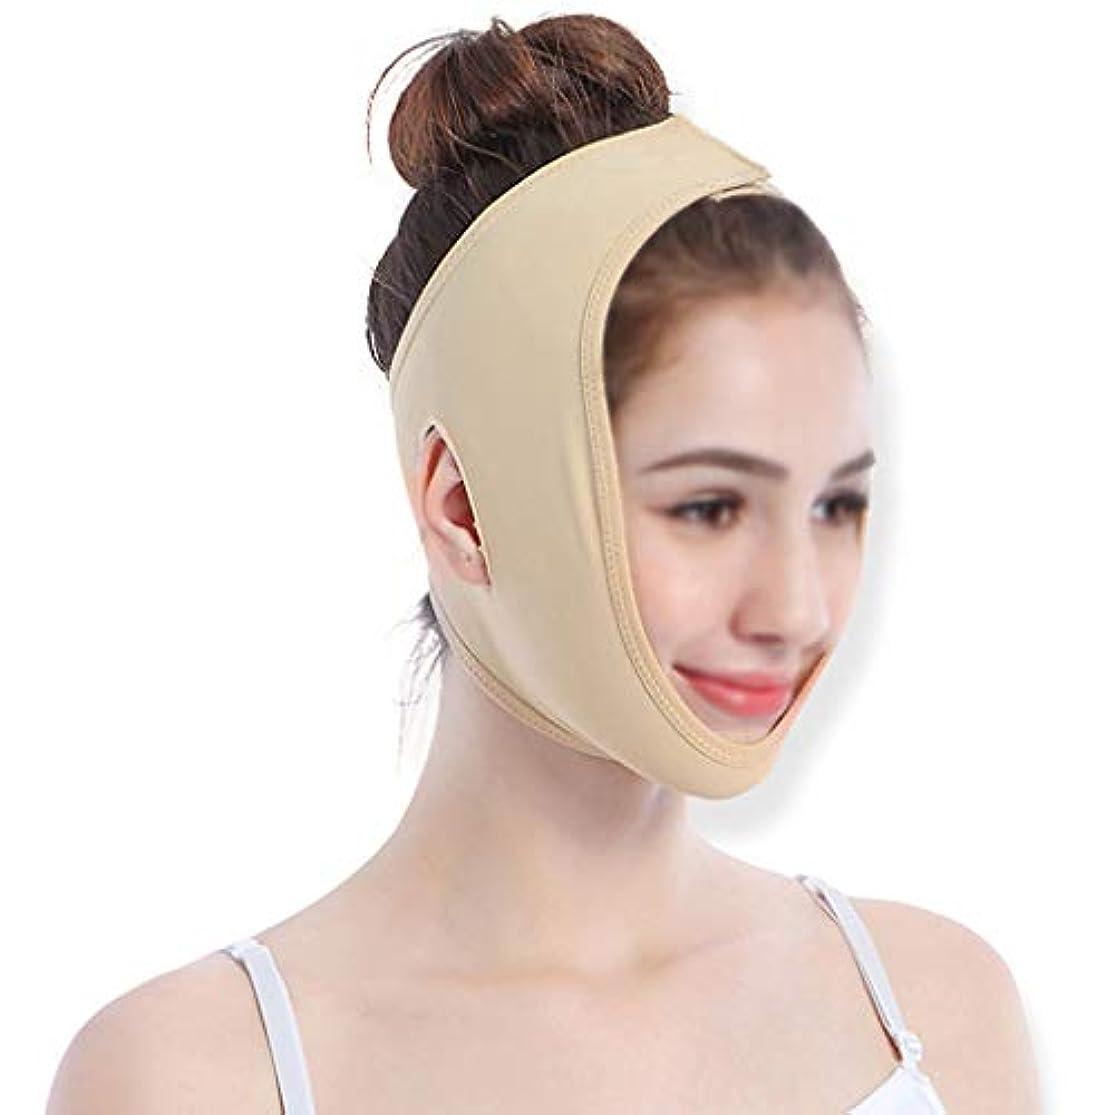 理容師一過性実用的GLJJQMY スリムな包帯V顔の顔のアーティファクトは、女性と女性のための繊細な顔のしわ防止フェイシャルツールを向上させます 顔用整形マスク (Size : M)